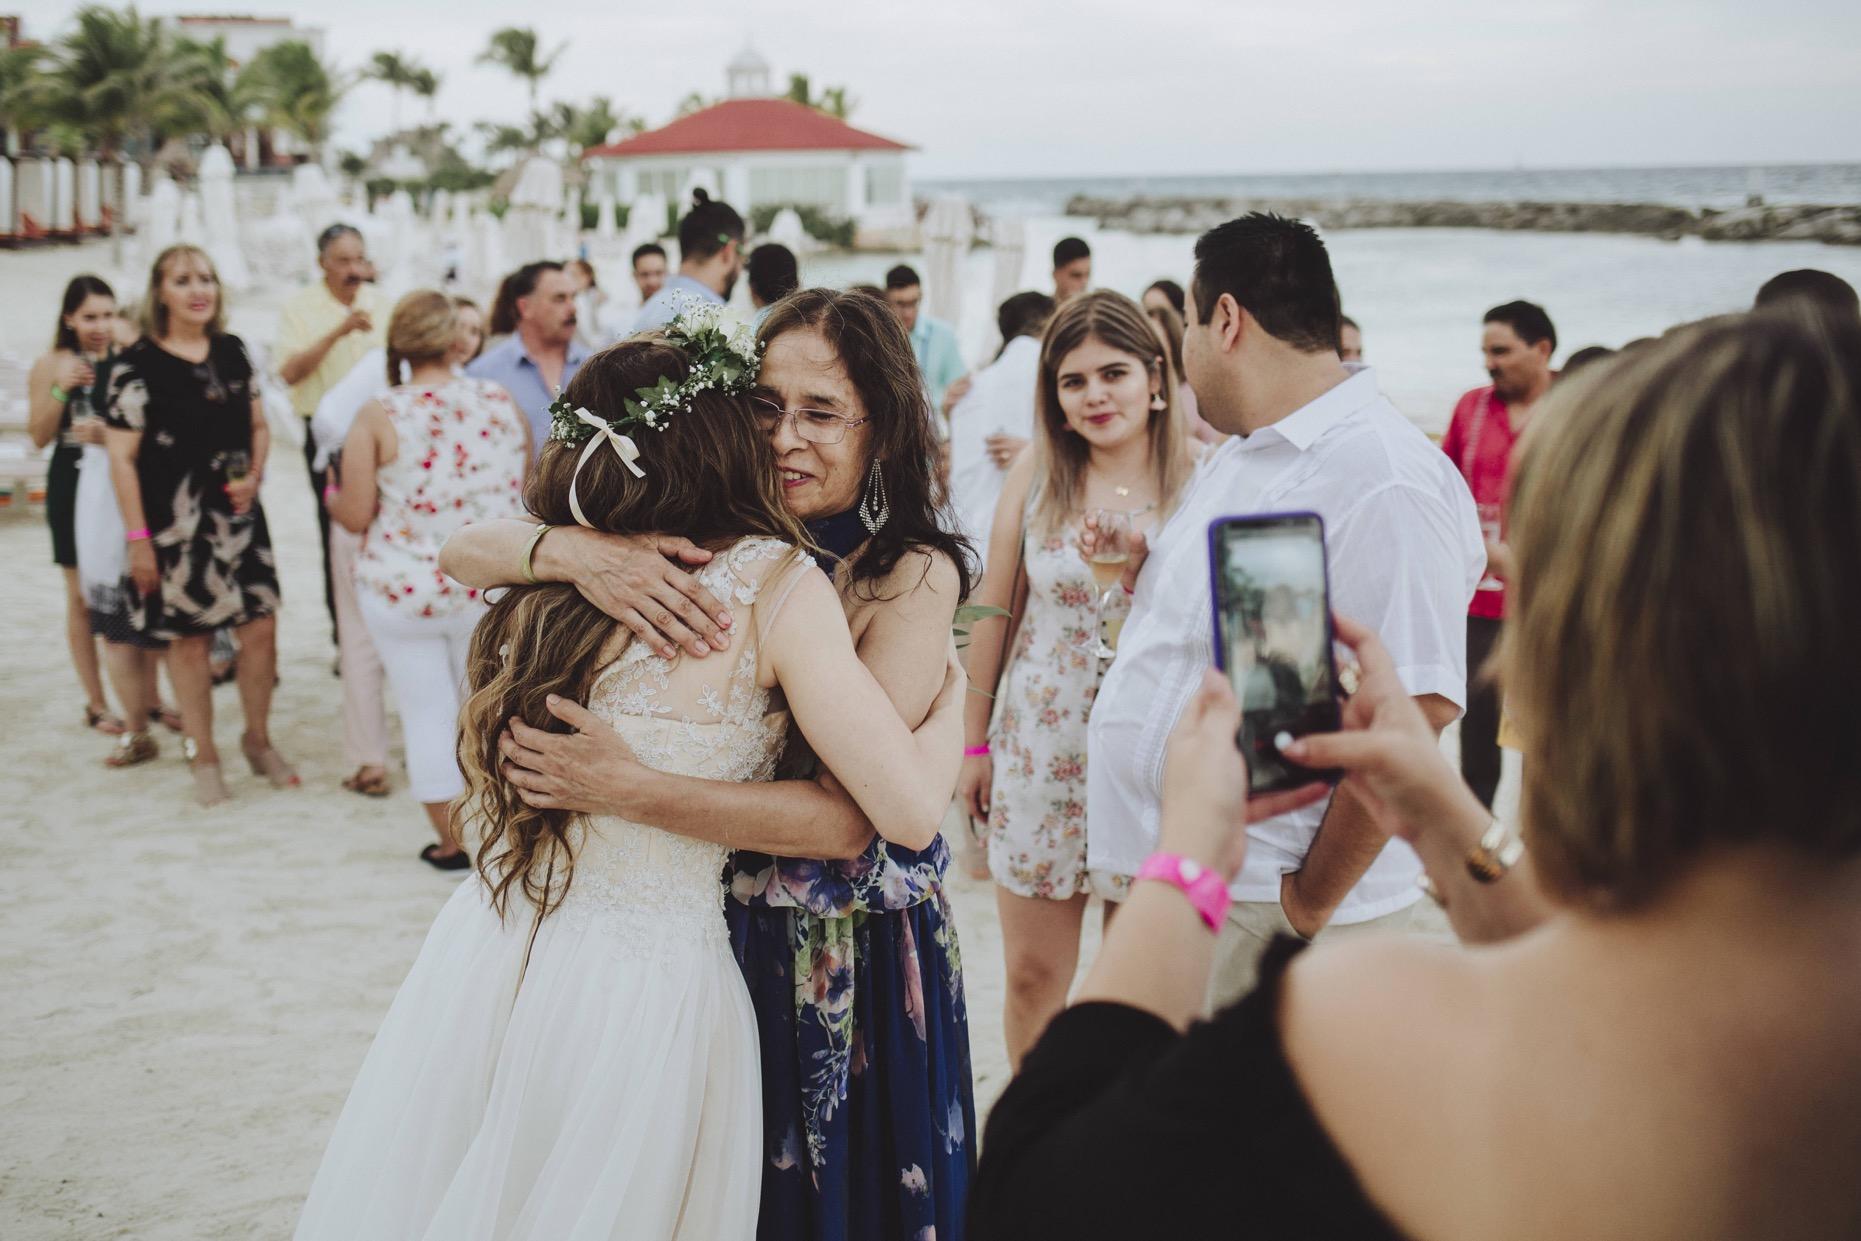 fotografo_bodas_profesional_zacatecas_riviera_maya_cancun-85